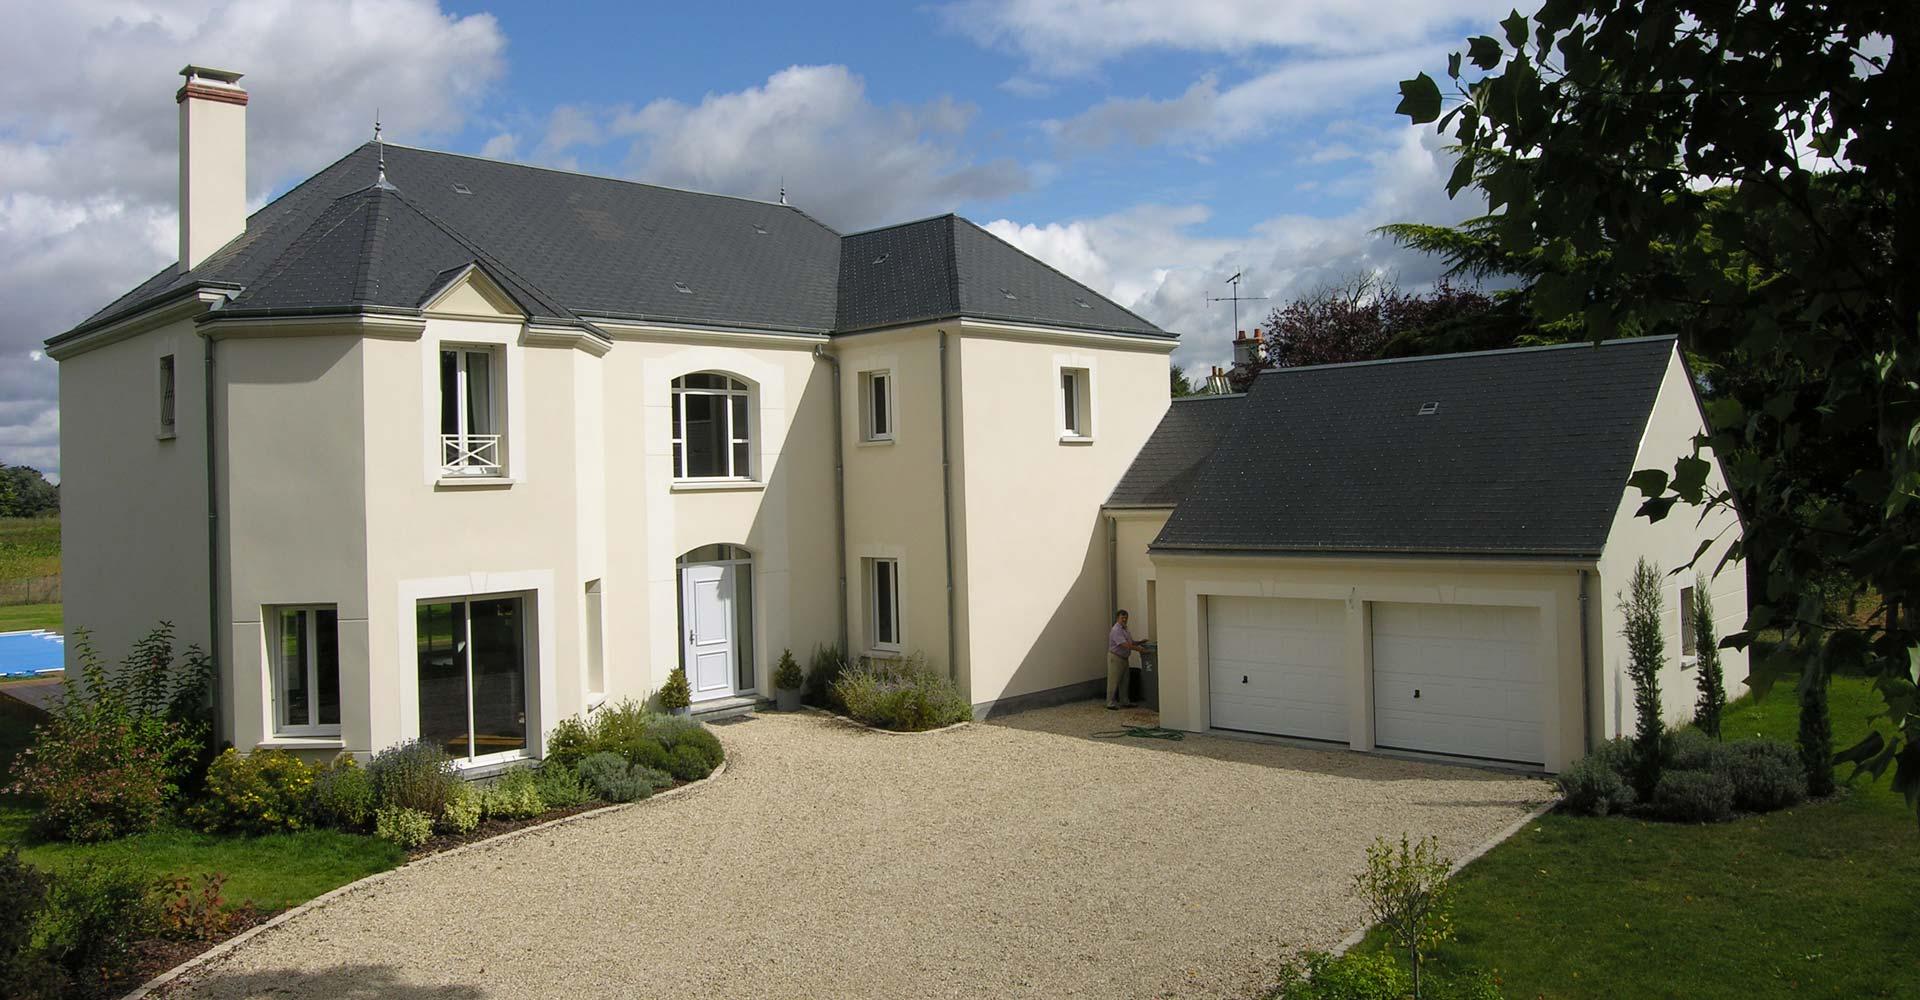 cr ation sur mesure les demeures du lys constructeur de maisons individuelles 45. Black Bedroom Furniture Sets. Home Design Ideas